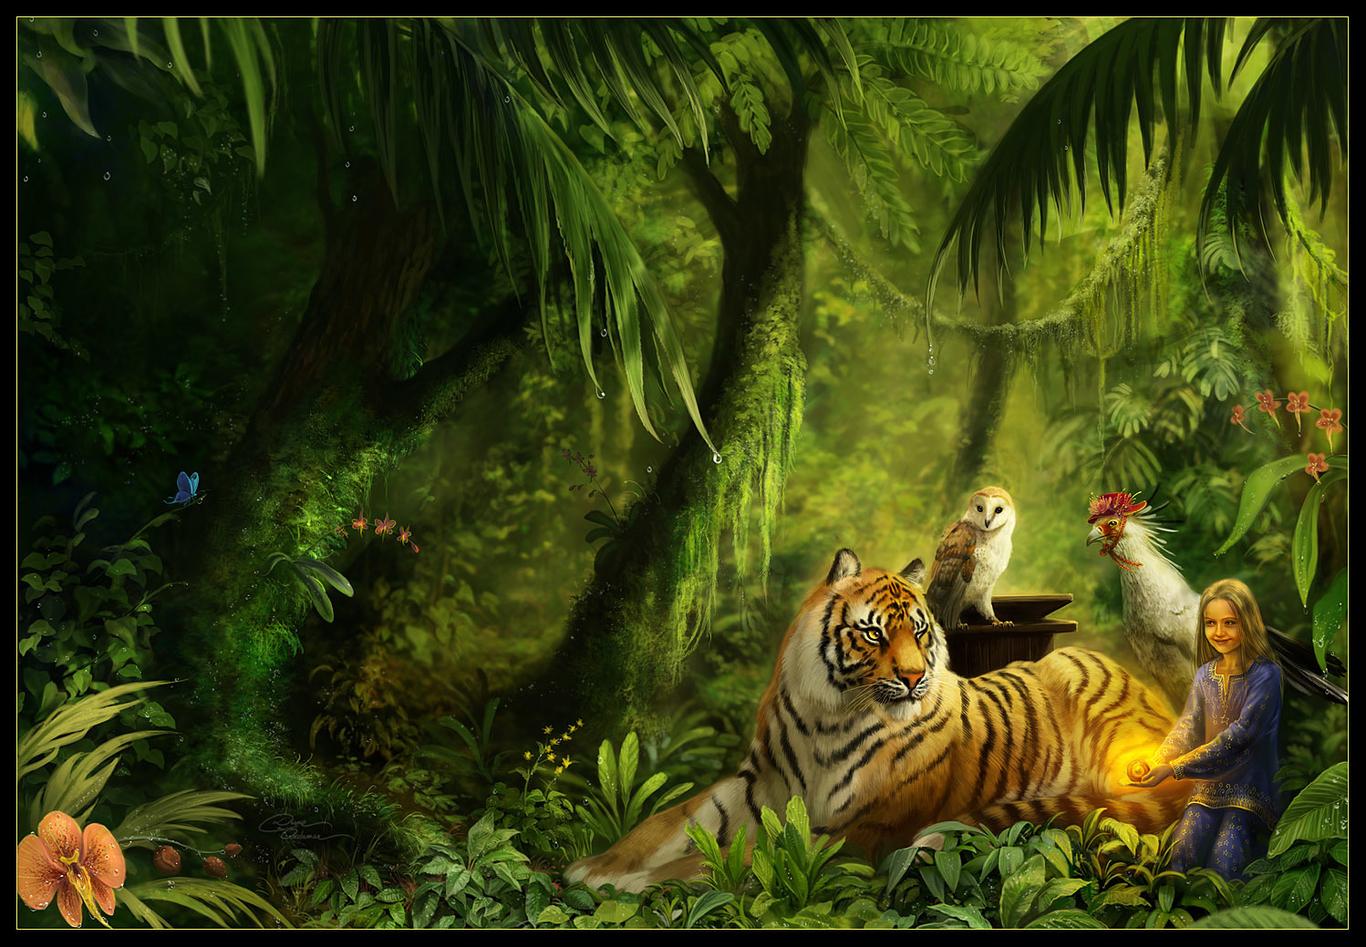 Dianae miranda and the tige 1 9d7556f1 0cxo